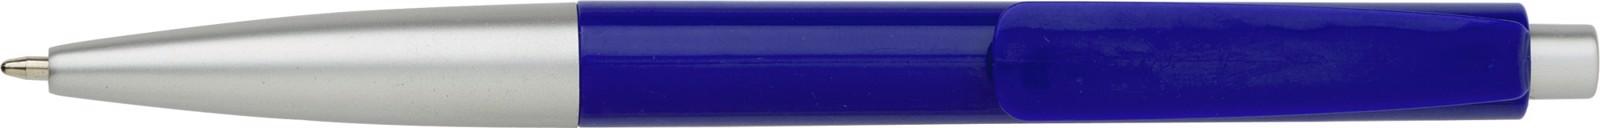 ABS ballpen - Blue